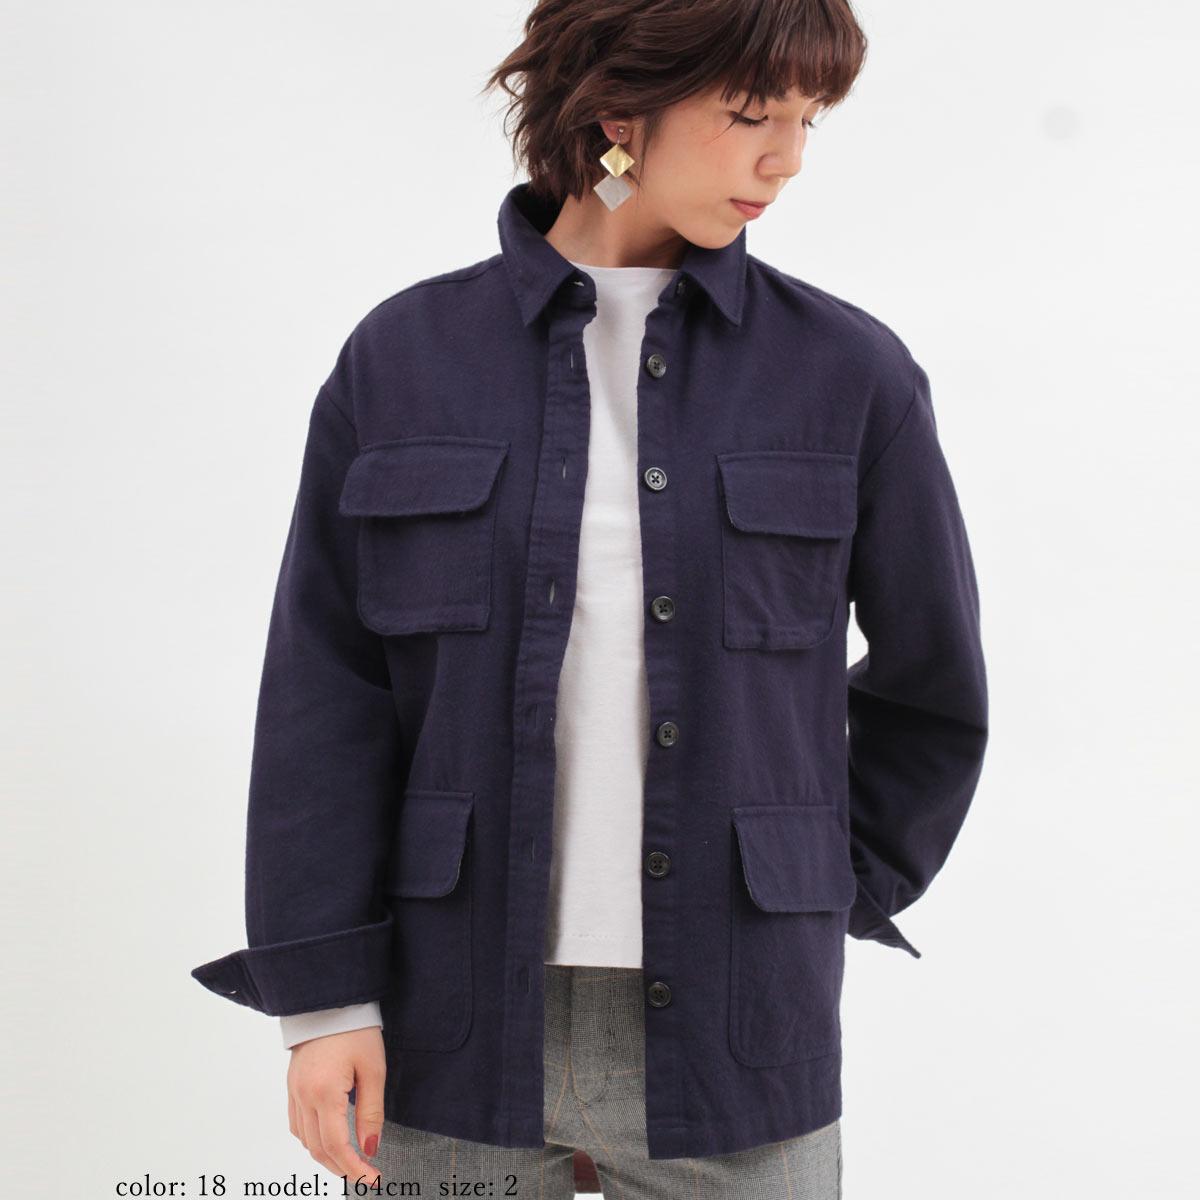 M・J・G■暖■ ネルオーバーシャツ GMT684